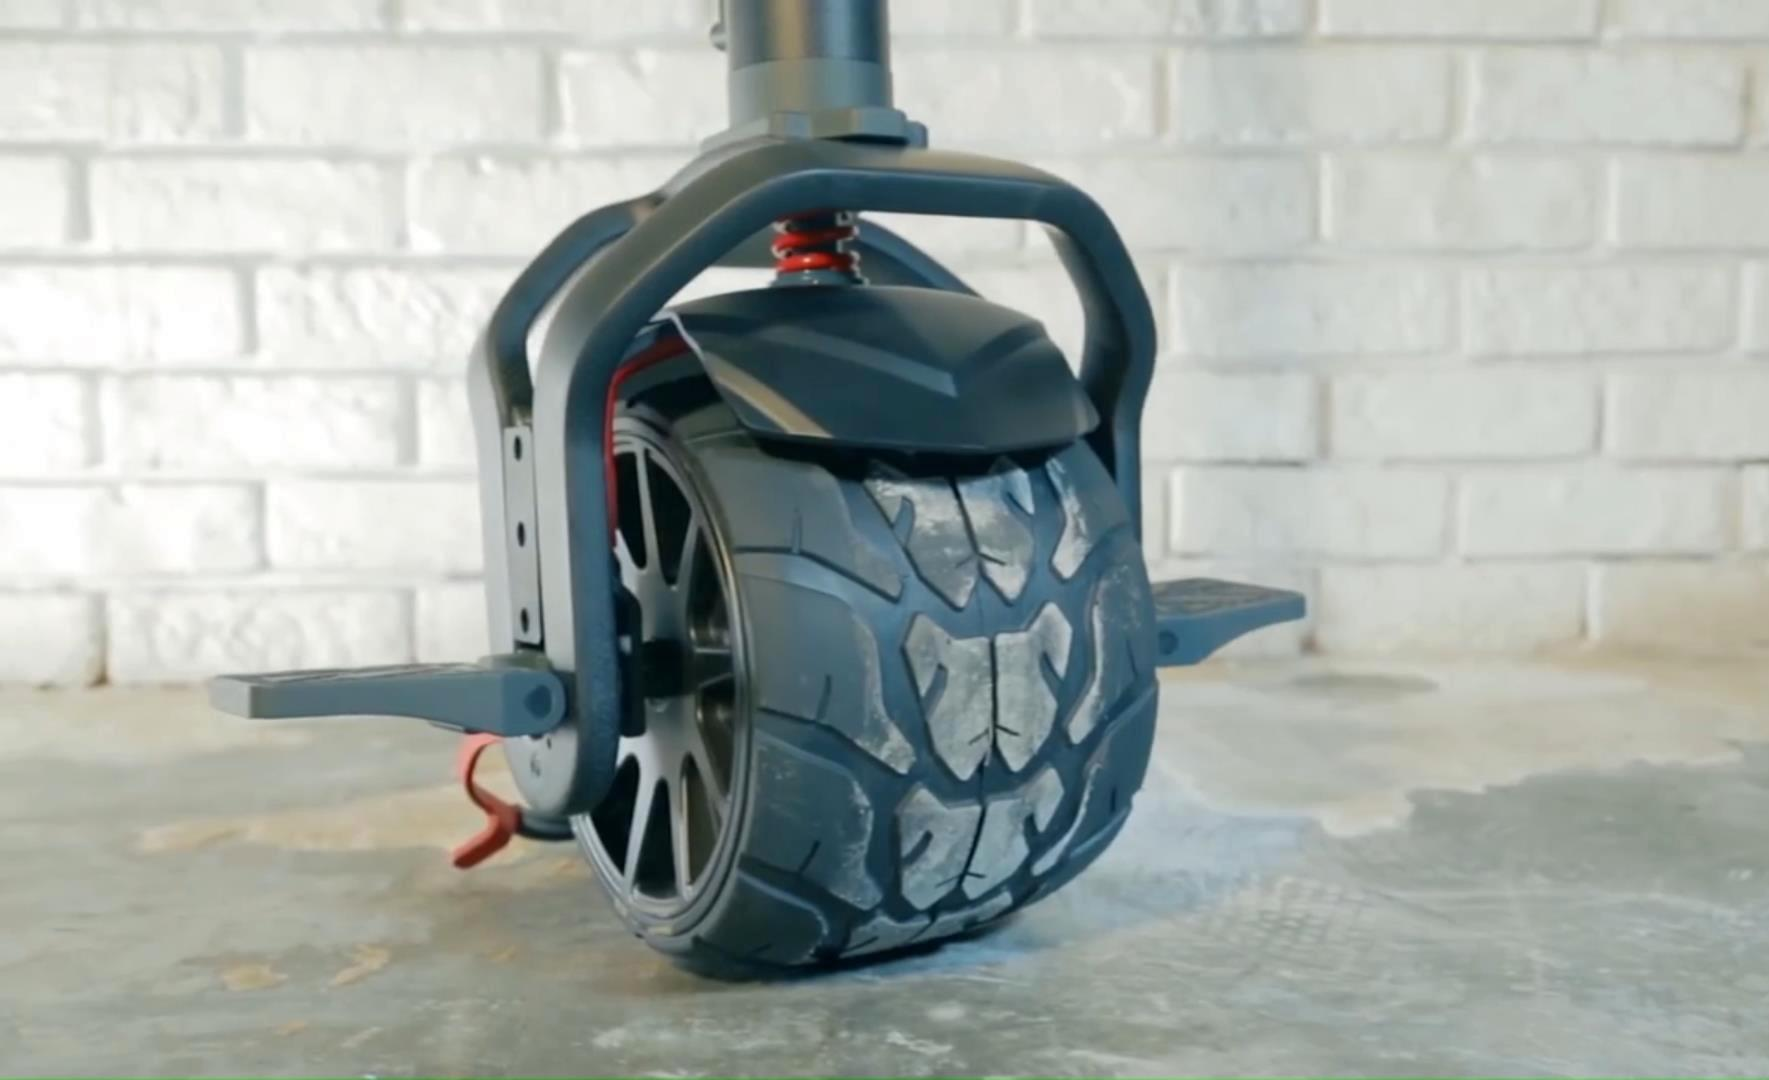 Моноколесо с рулем - амортизатор и подножка